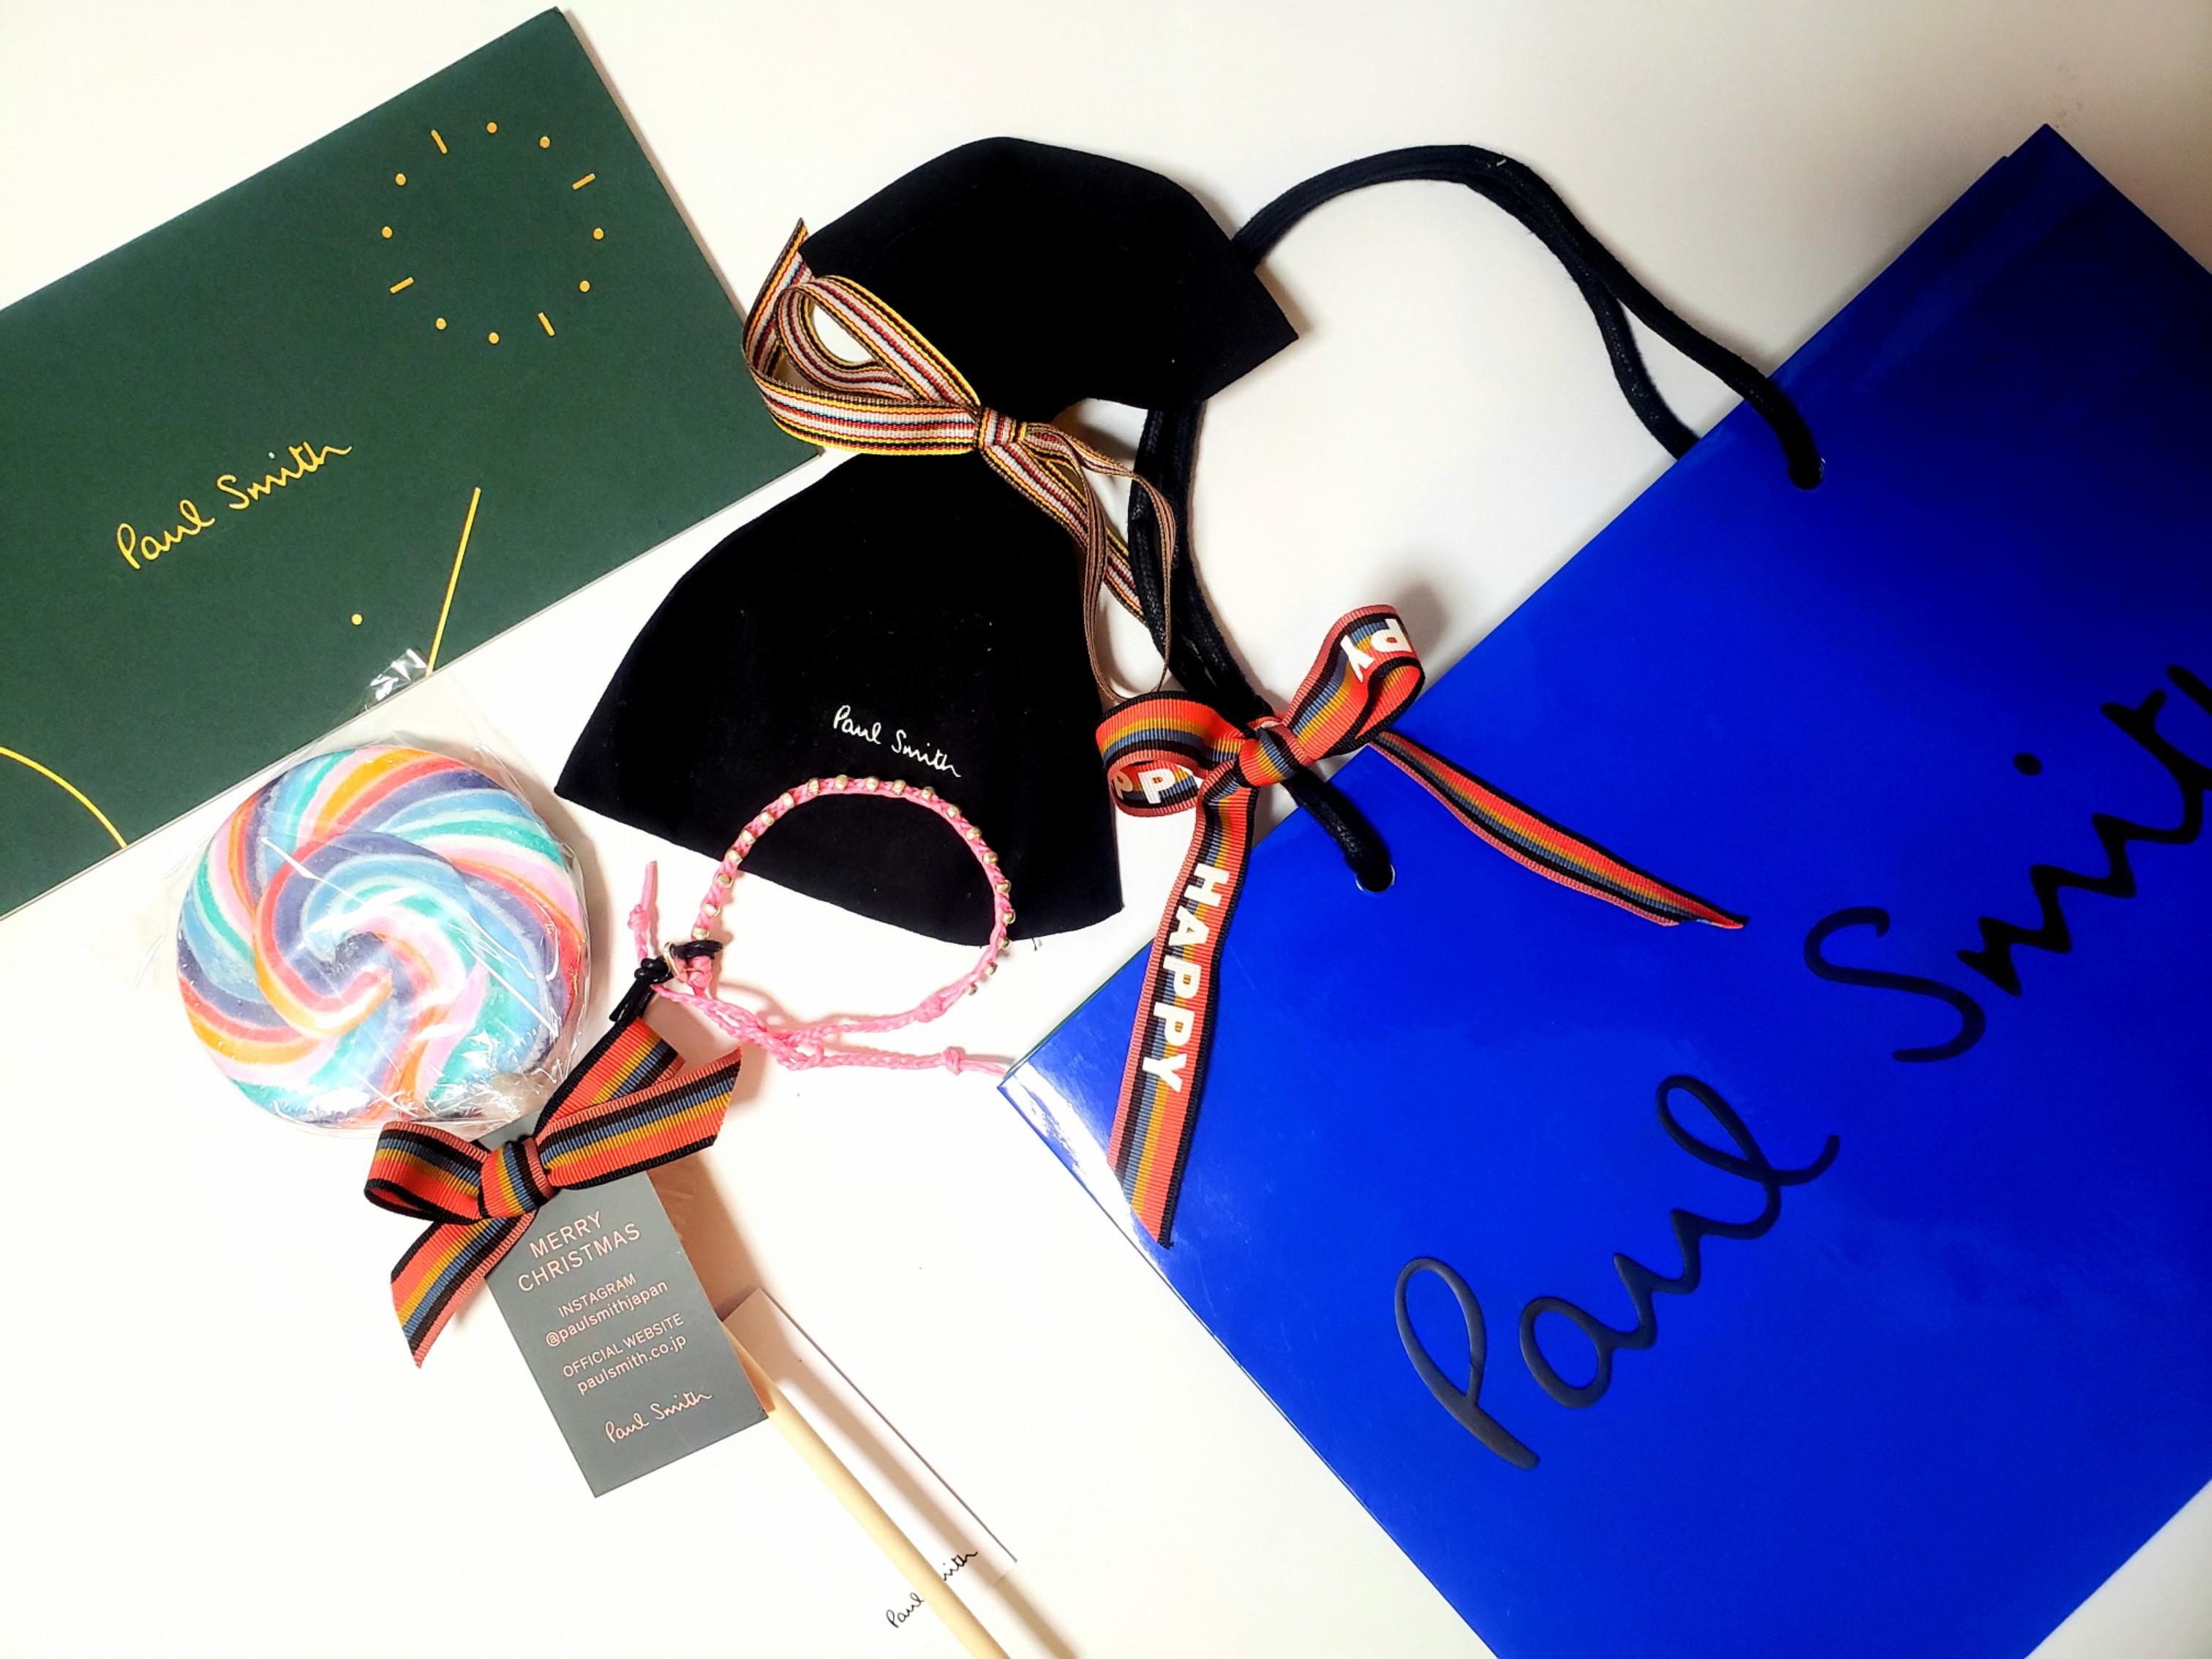 【Paul Smith】メンノン×モアのトークショー&ショッピングイベントに参加!革小物もゲット♡_5